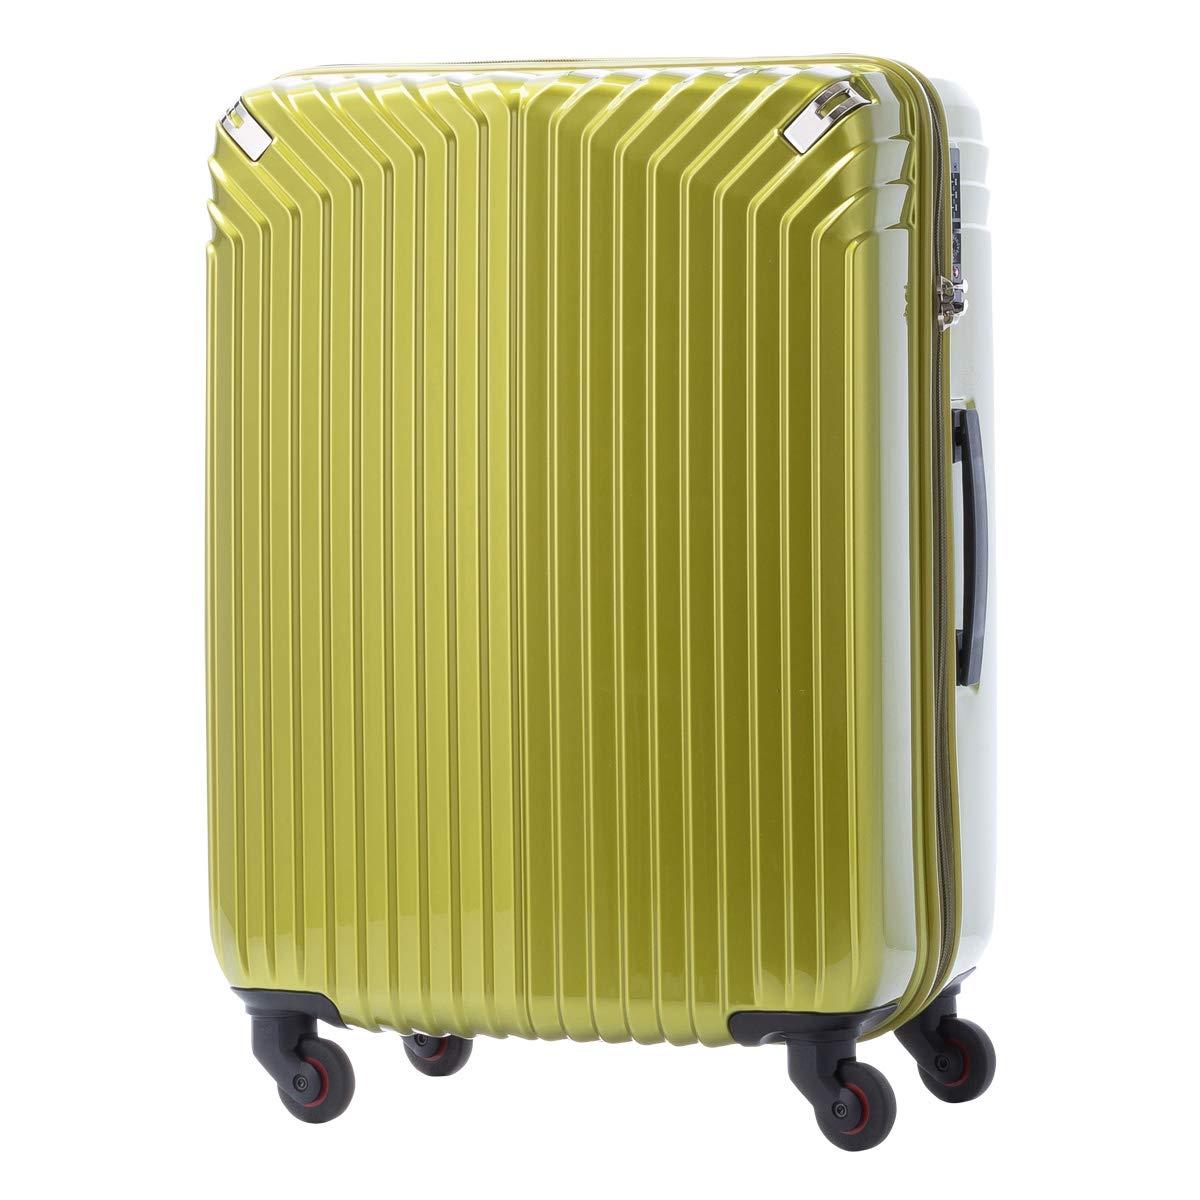 [ヒデオワカマツ] スーツケース ヒデオデザイン インライト 54L 56cm 3.2kg 85-76470  【07】ライム B07LF9N3K2